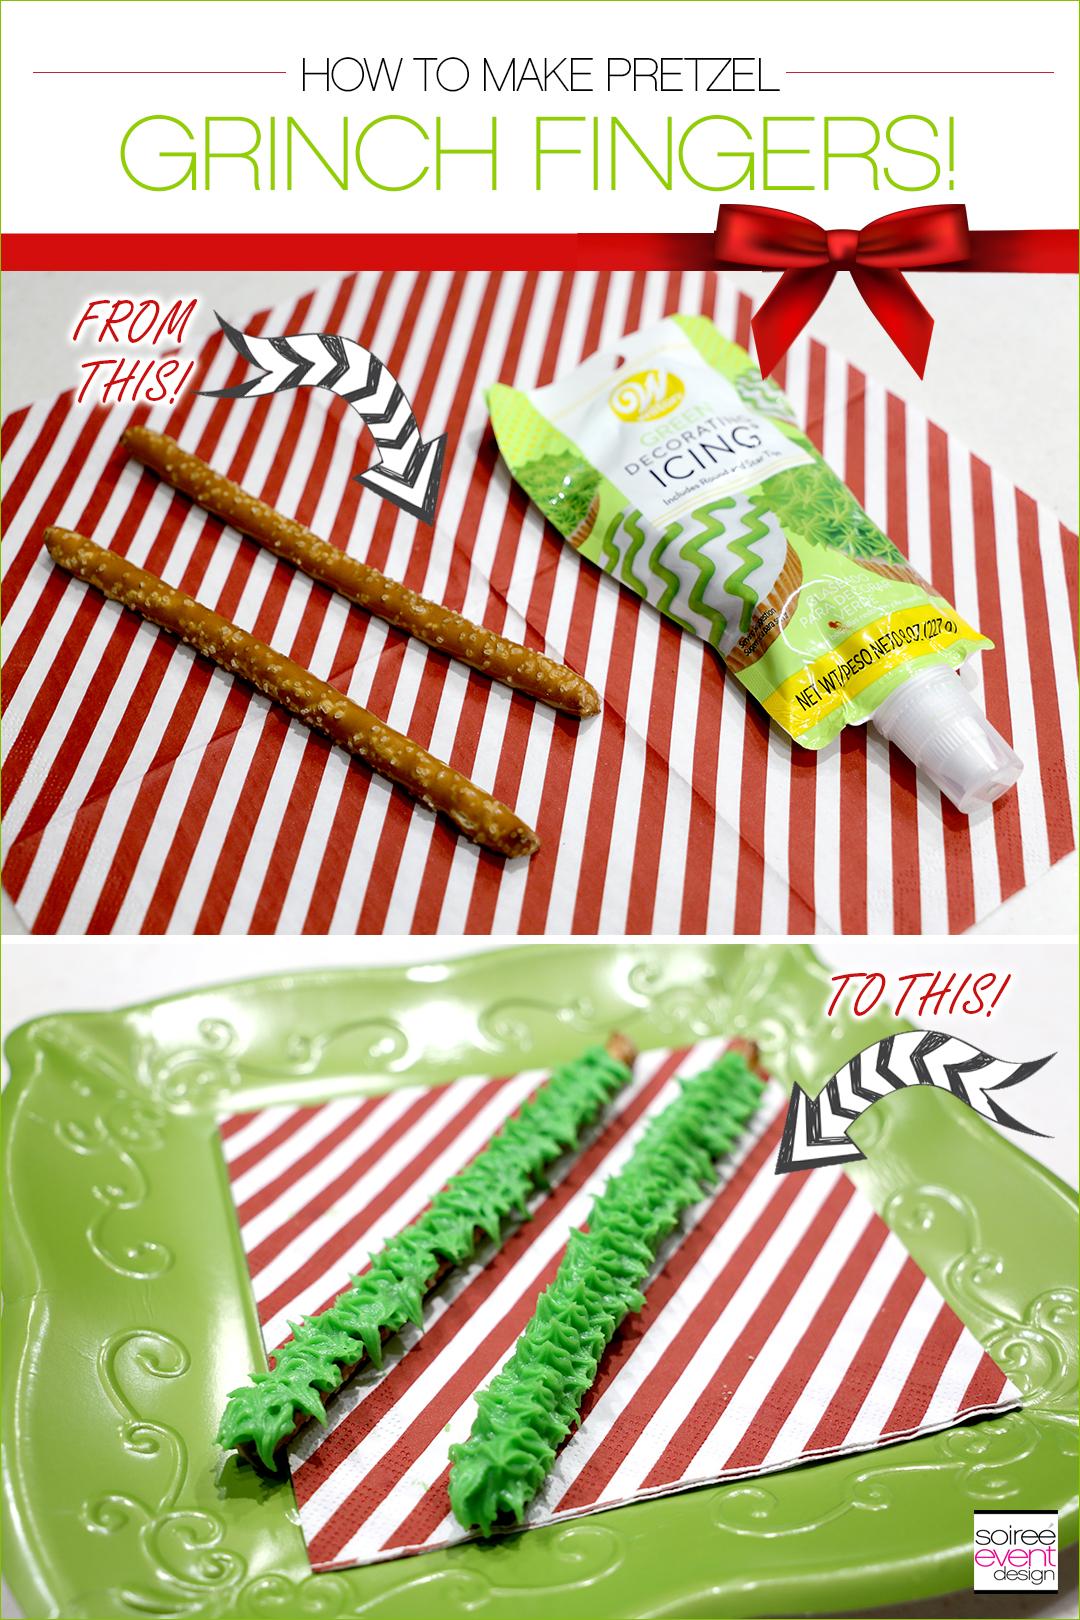 Grinch Dessert Ideas - Grinch Fingers Pretzels tutorial